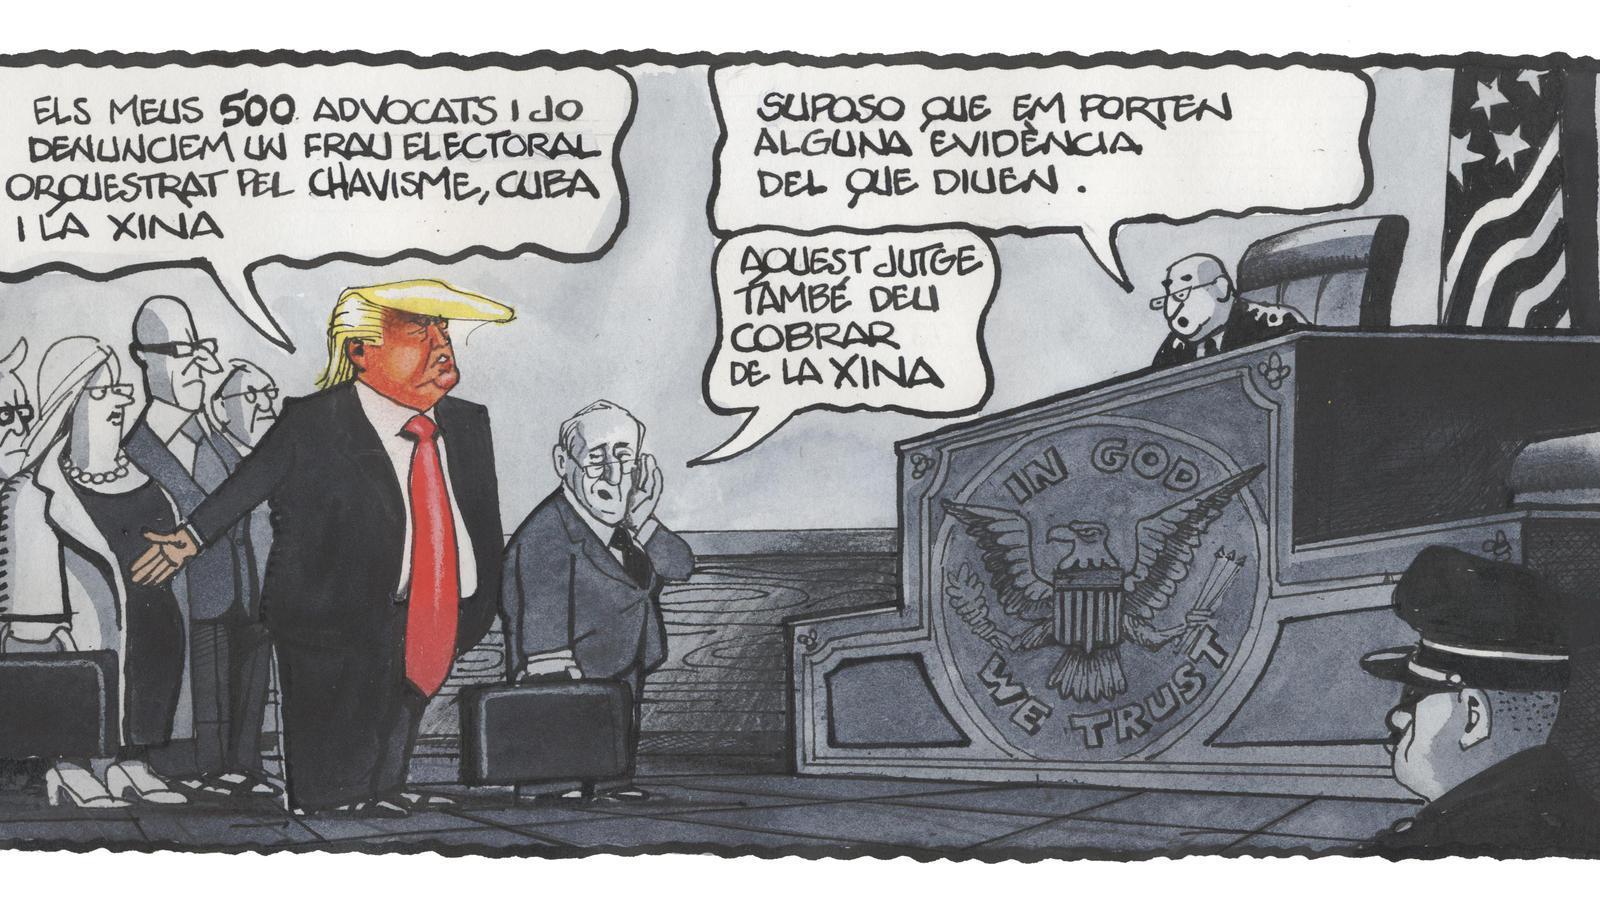 'A la contra', per Ferreres 24/11/2020